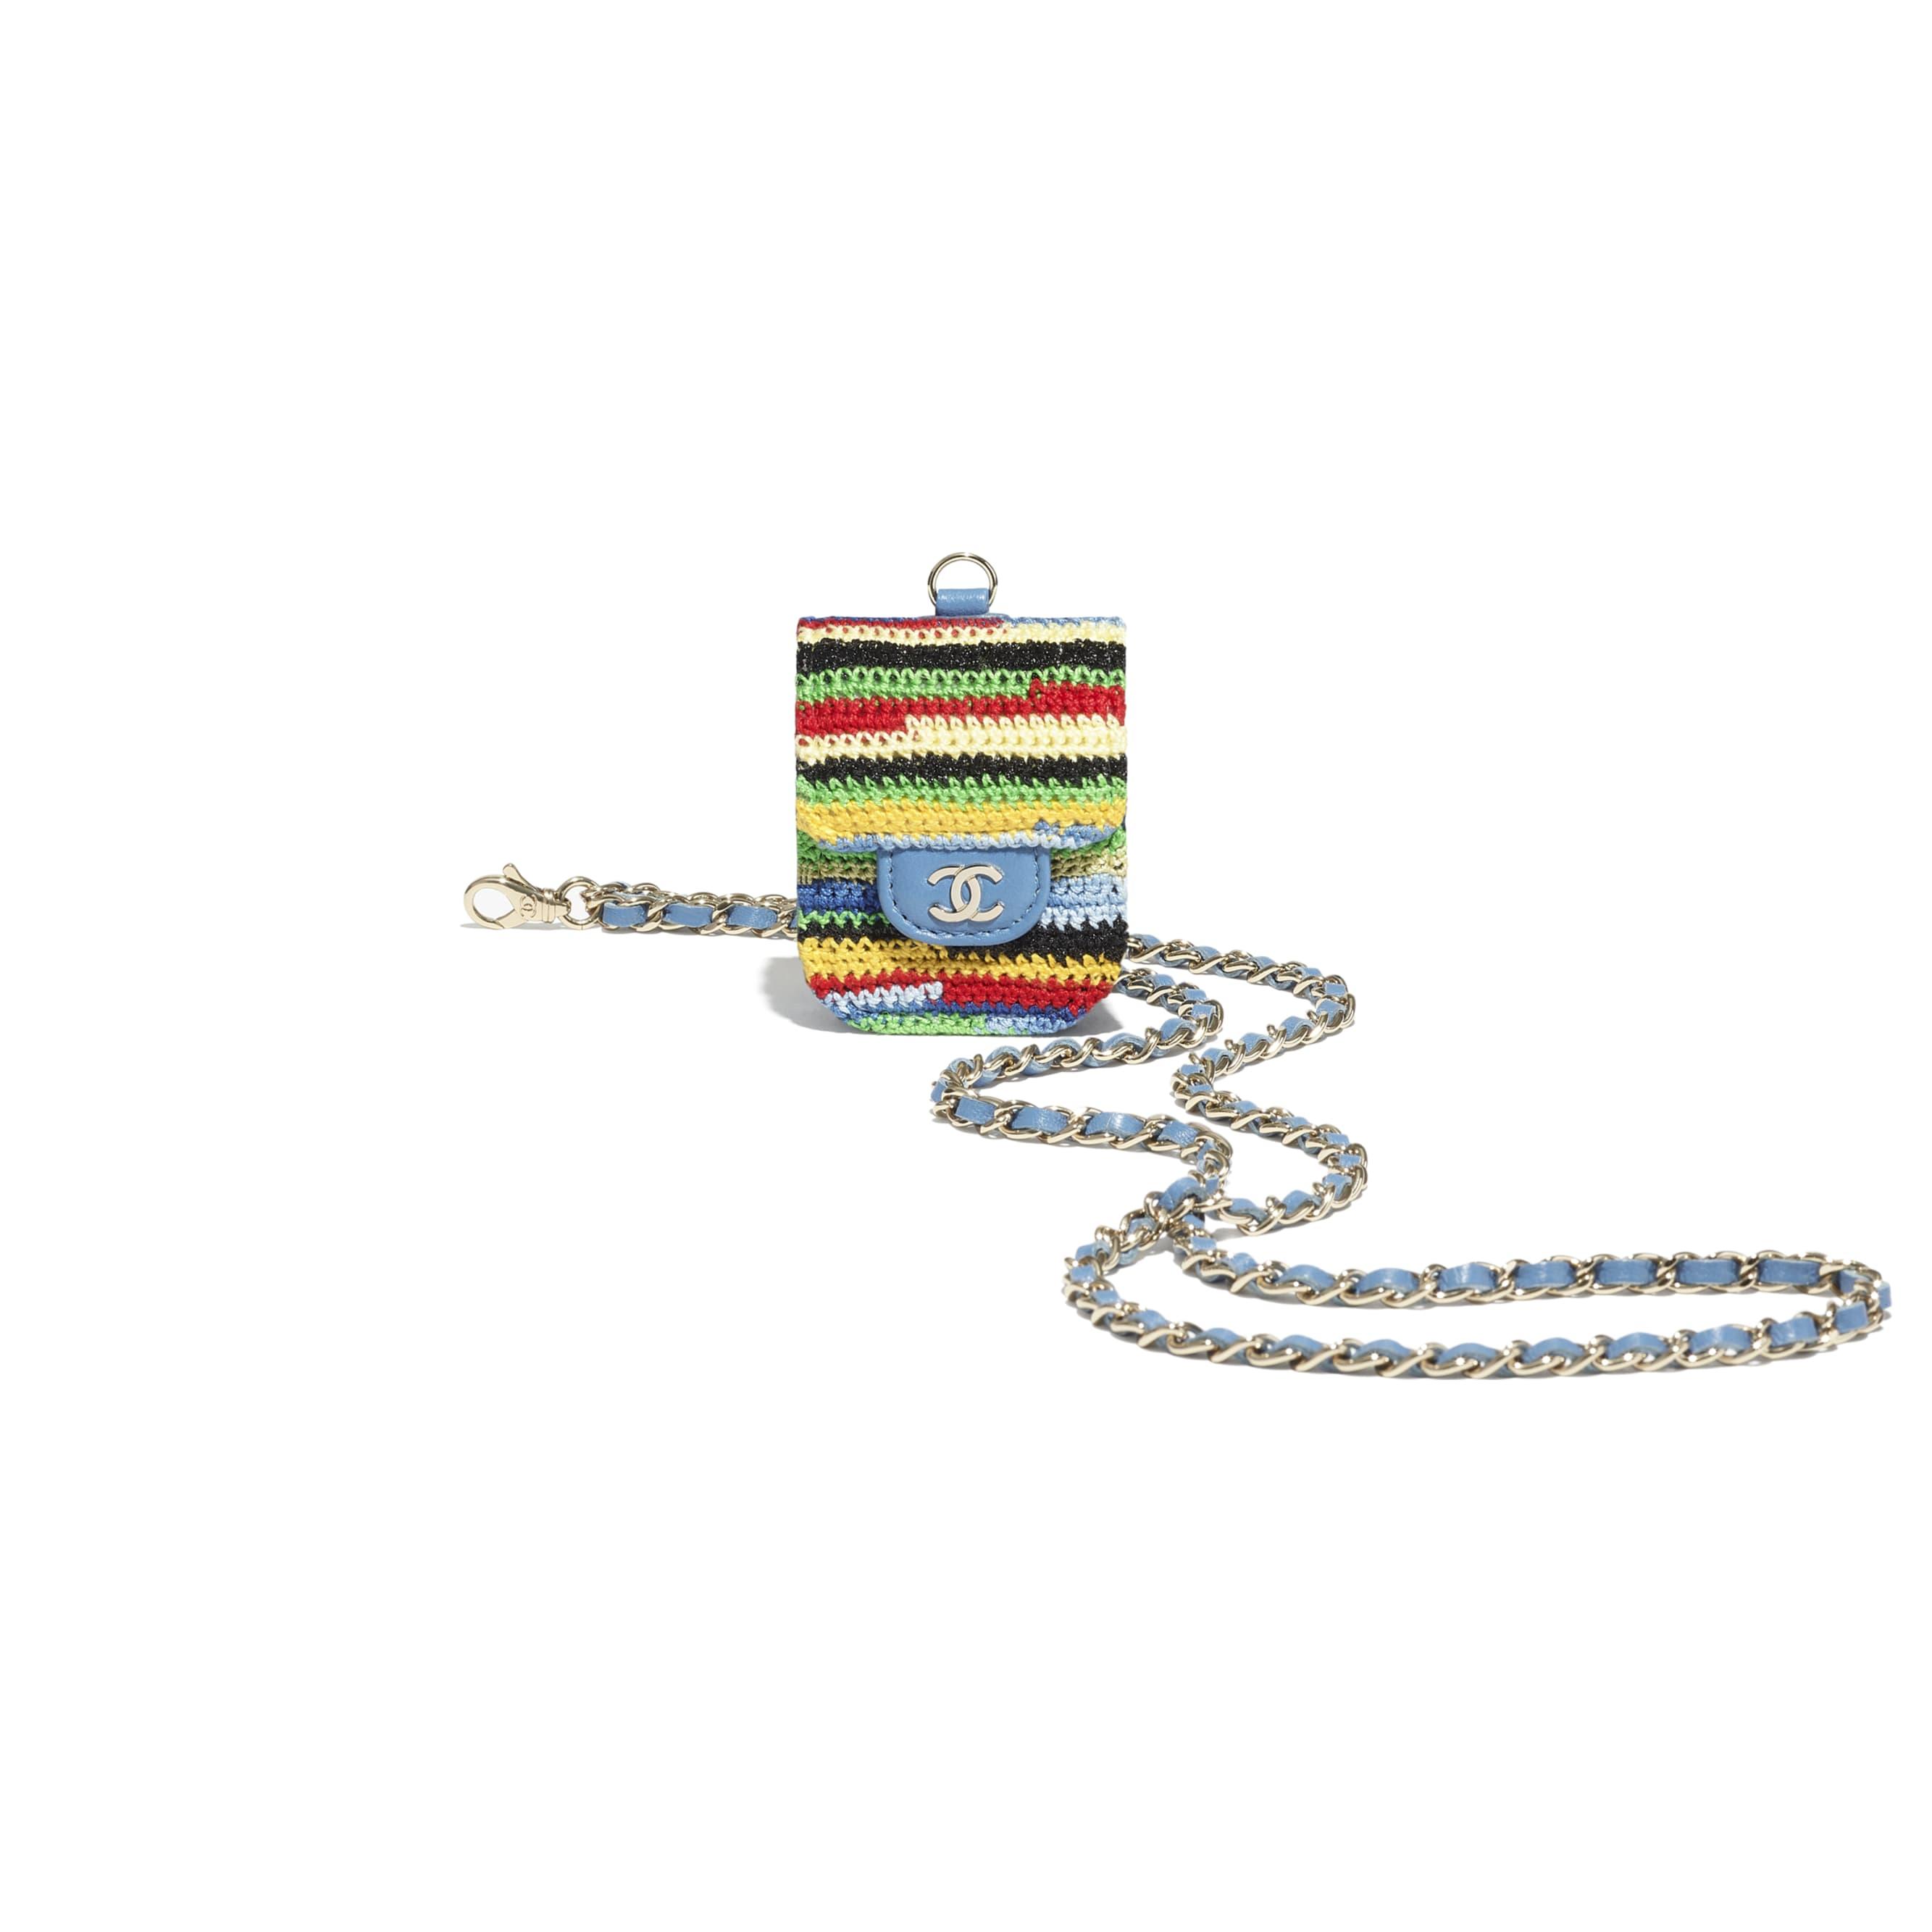 Etui na suchawki AirPods - Kolor wielobarwny - Wyszywana dzianina szydełkowa i metal w tonacji złotej - CHANEL - Dodatkowy widok – zobacz w standardowym rozmiarze